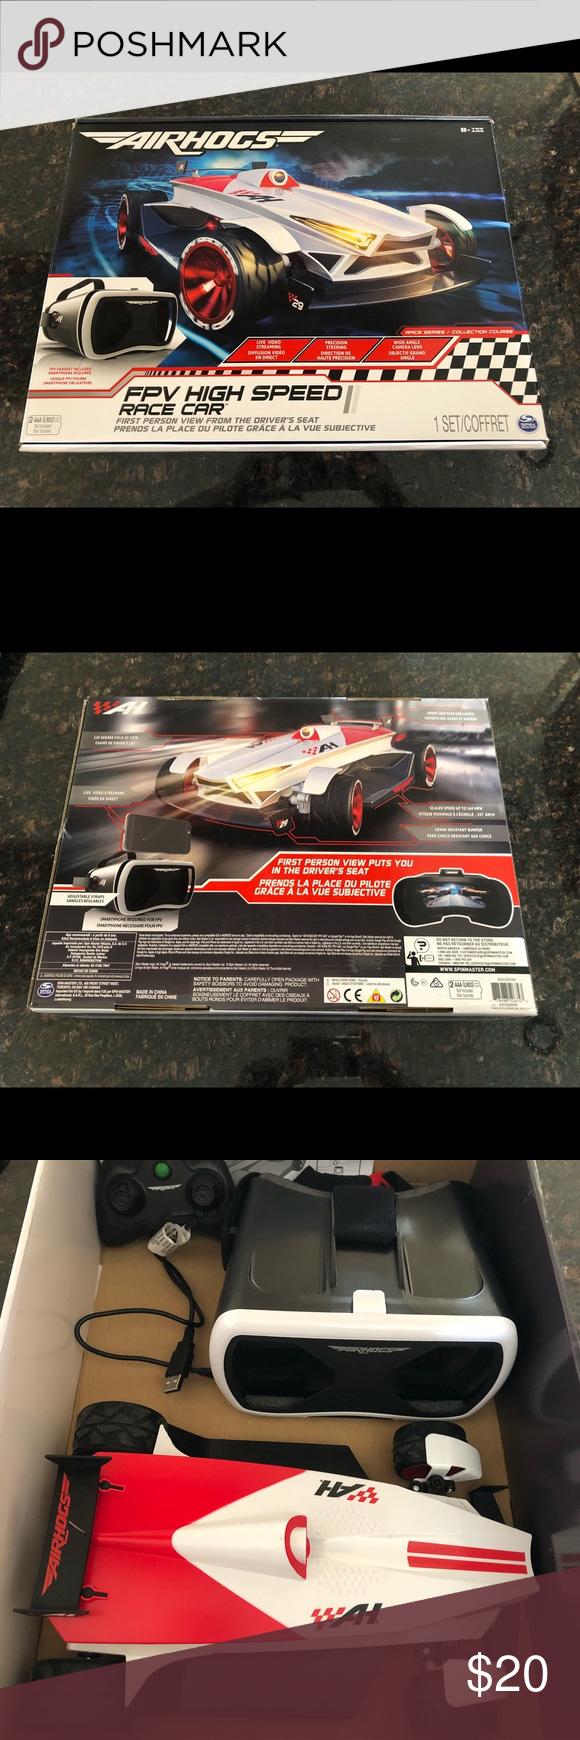 Airhogs Fpv Remote Control Race Car In 2018 My Posh Closet